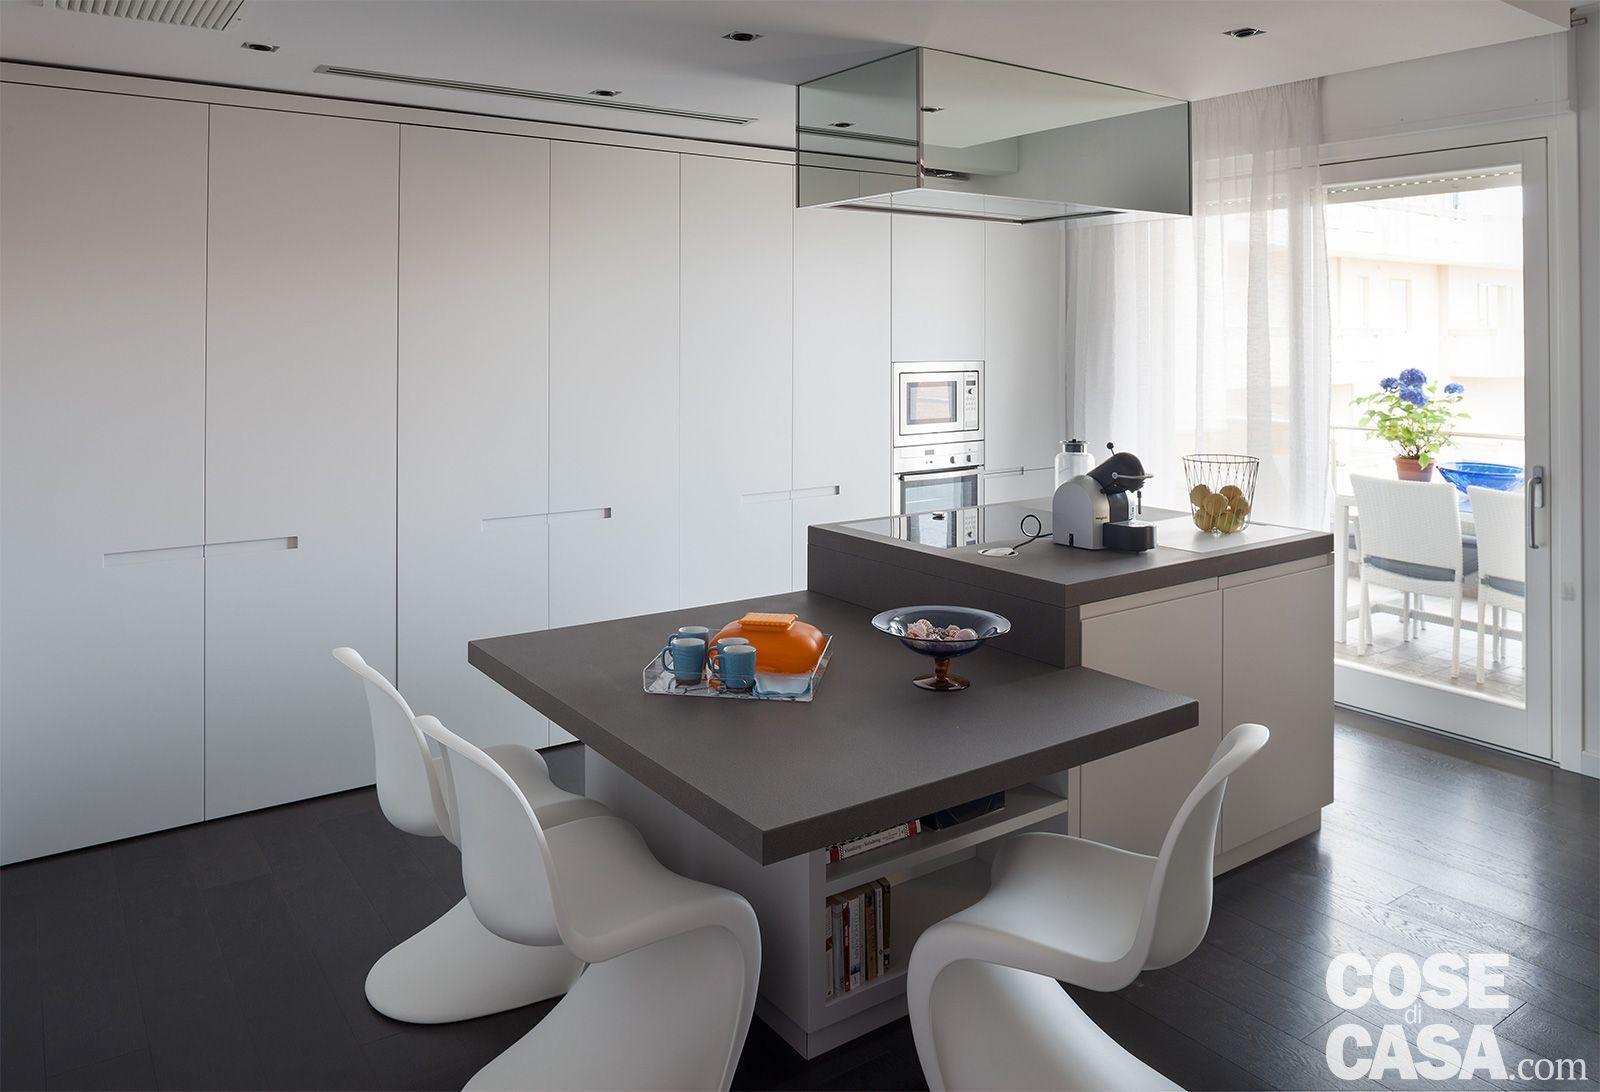 75 Mq Una Casa Con Geometrie In Bianco E Nero Cose Di Casa Arredamento Sala E Cucina Idee Per Decorare La Casa Interni Della Cucina